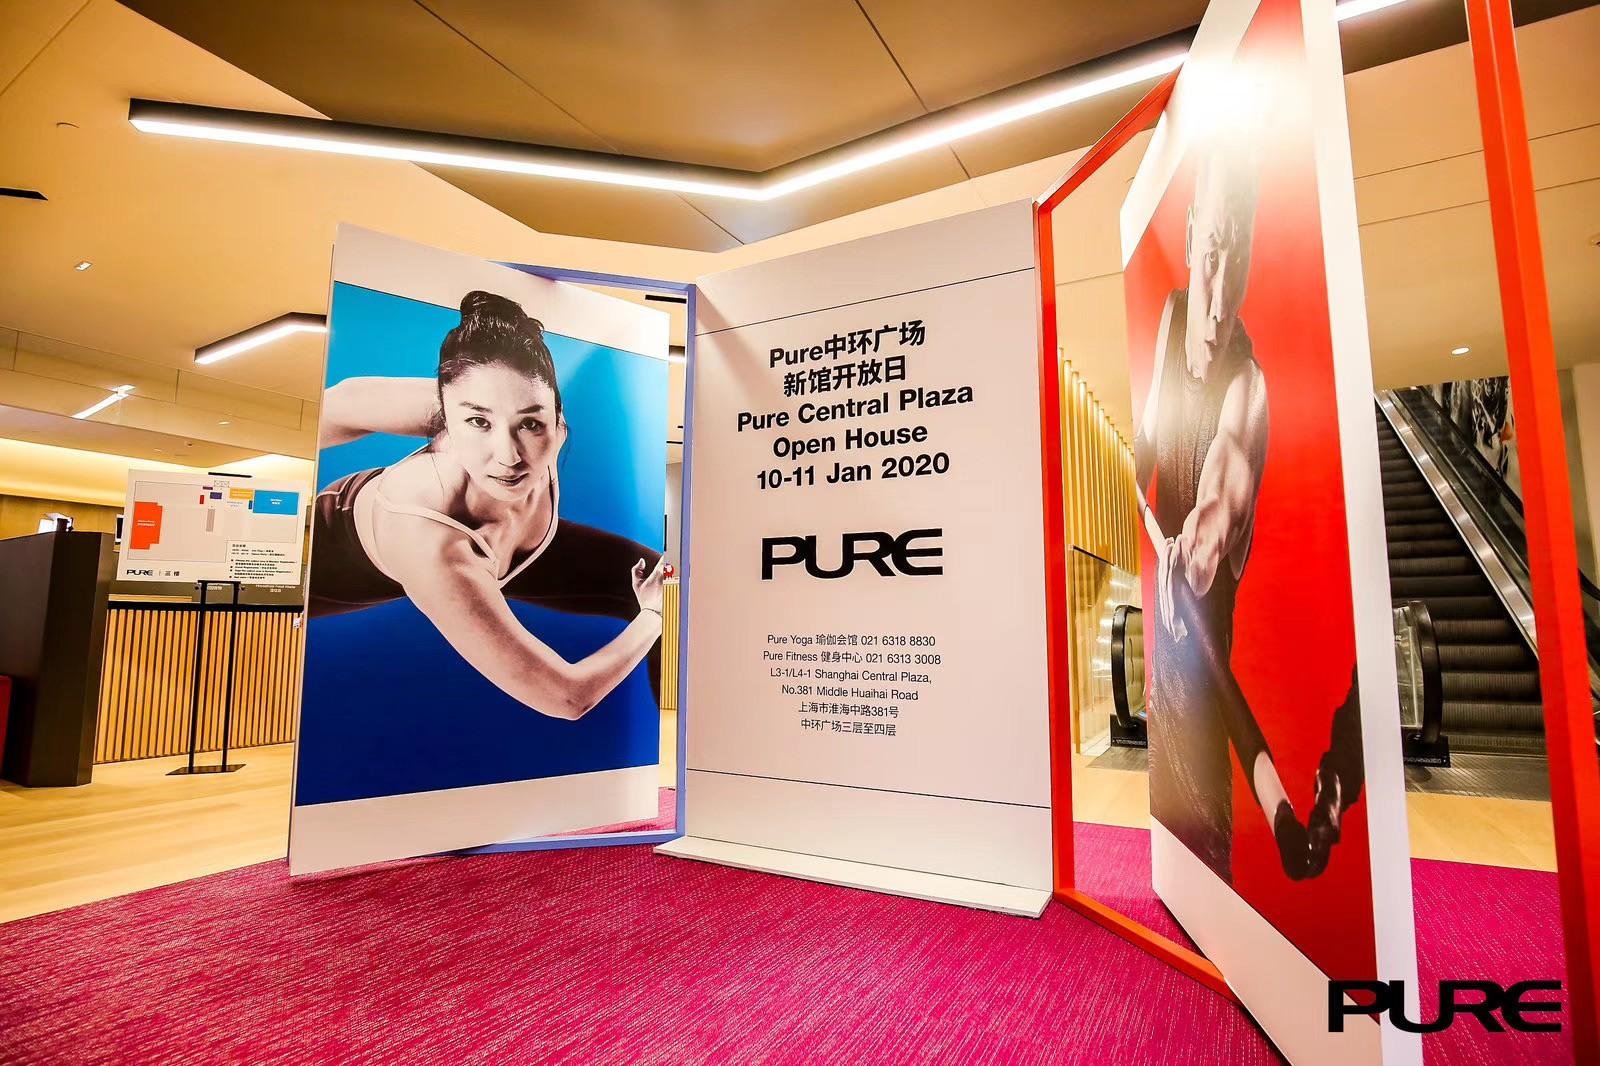 PURE中环广场新馆开业,打通瑜伽馆和健身房